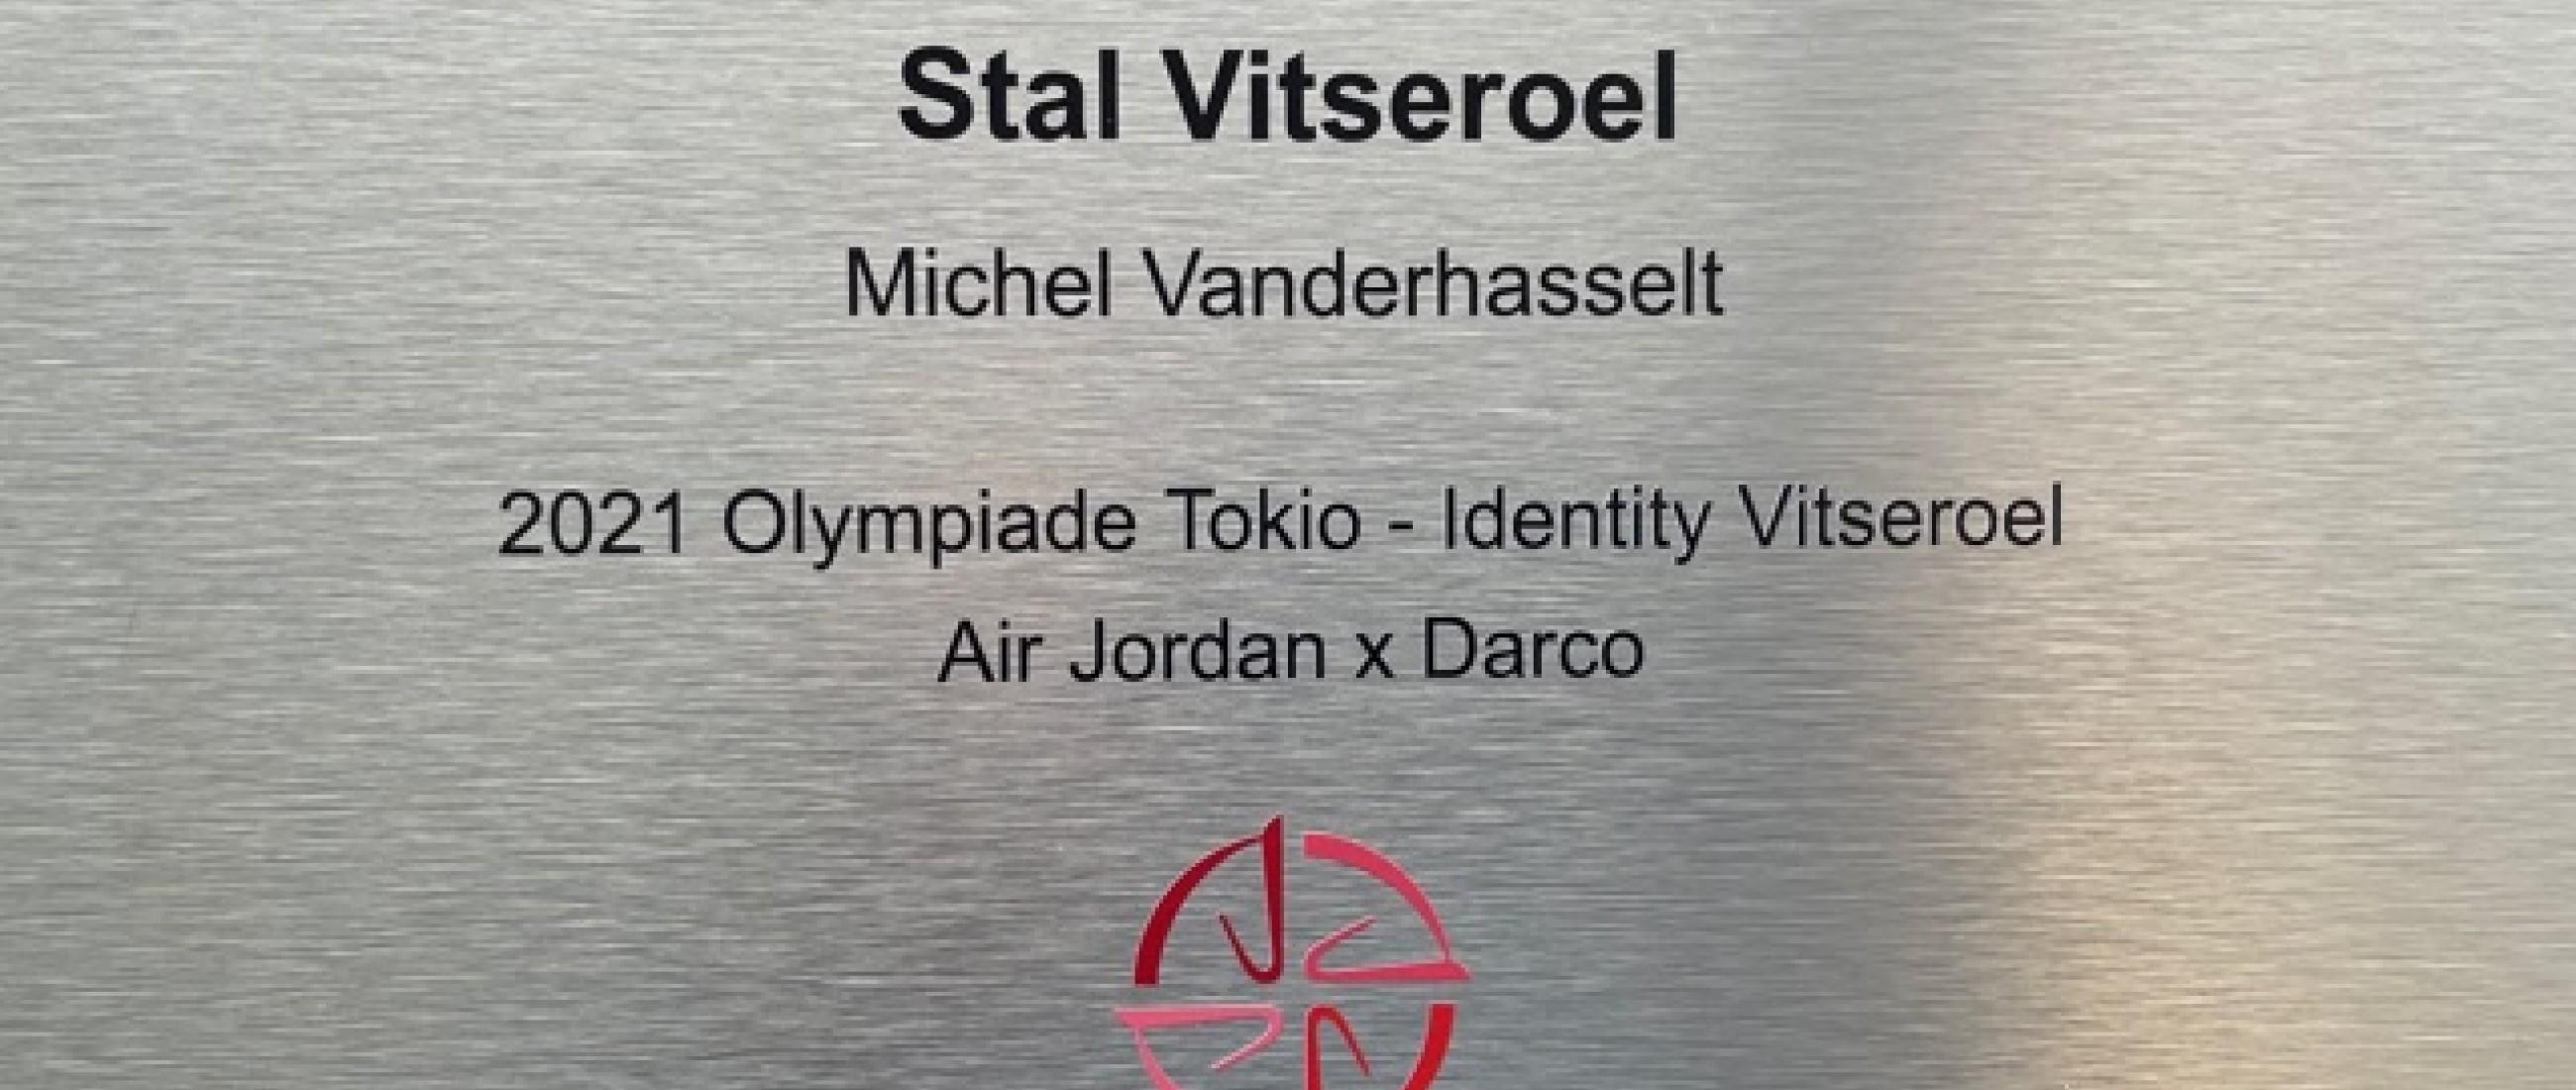 fier de recevoir cette plaque d'écurie olympique du studbook bwp merci Identity Vitseroel et BWP